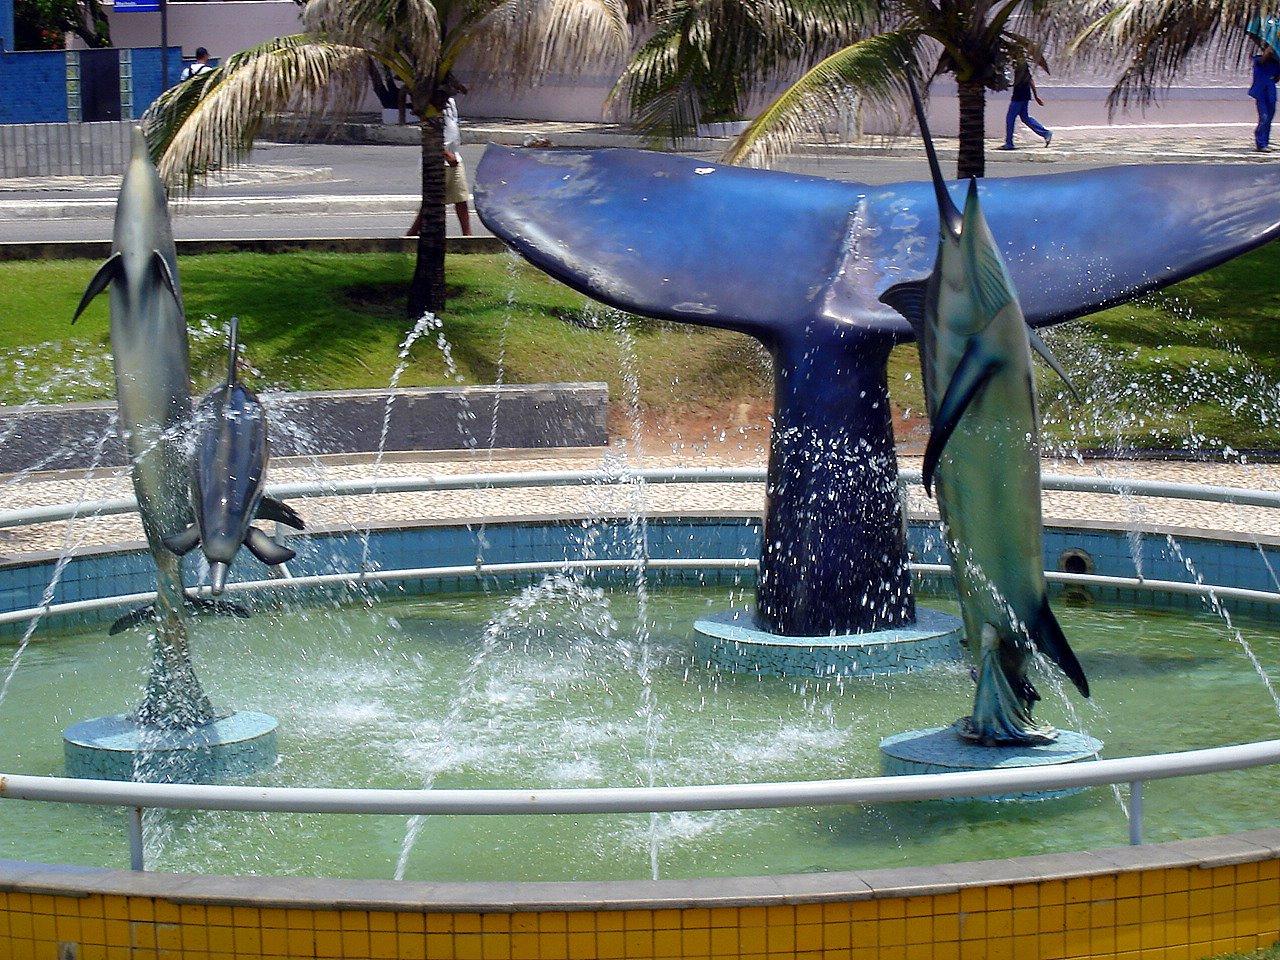 #6E4B14 RADIOTWITTIDADE: PARQUE COSTA AZUL 1280x960 px Banheiro Do Parque Costa Azul 3345